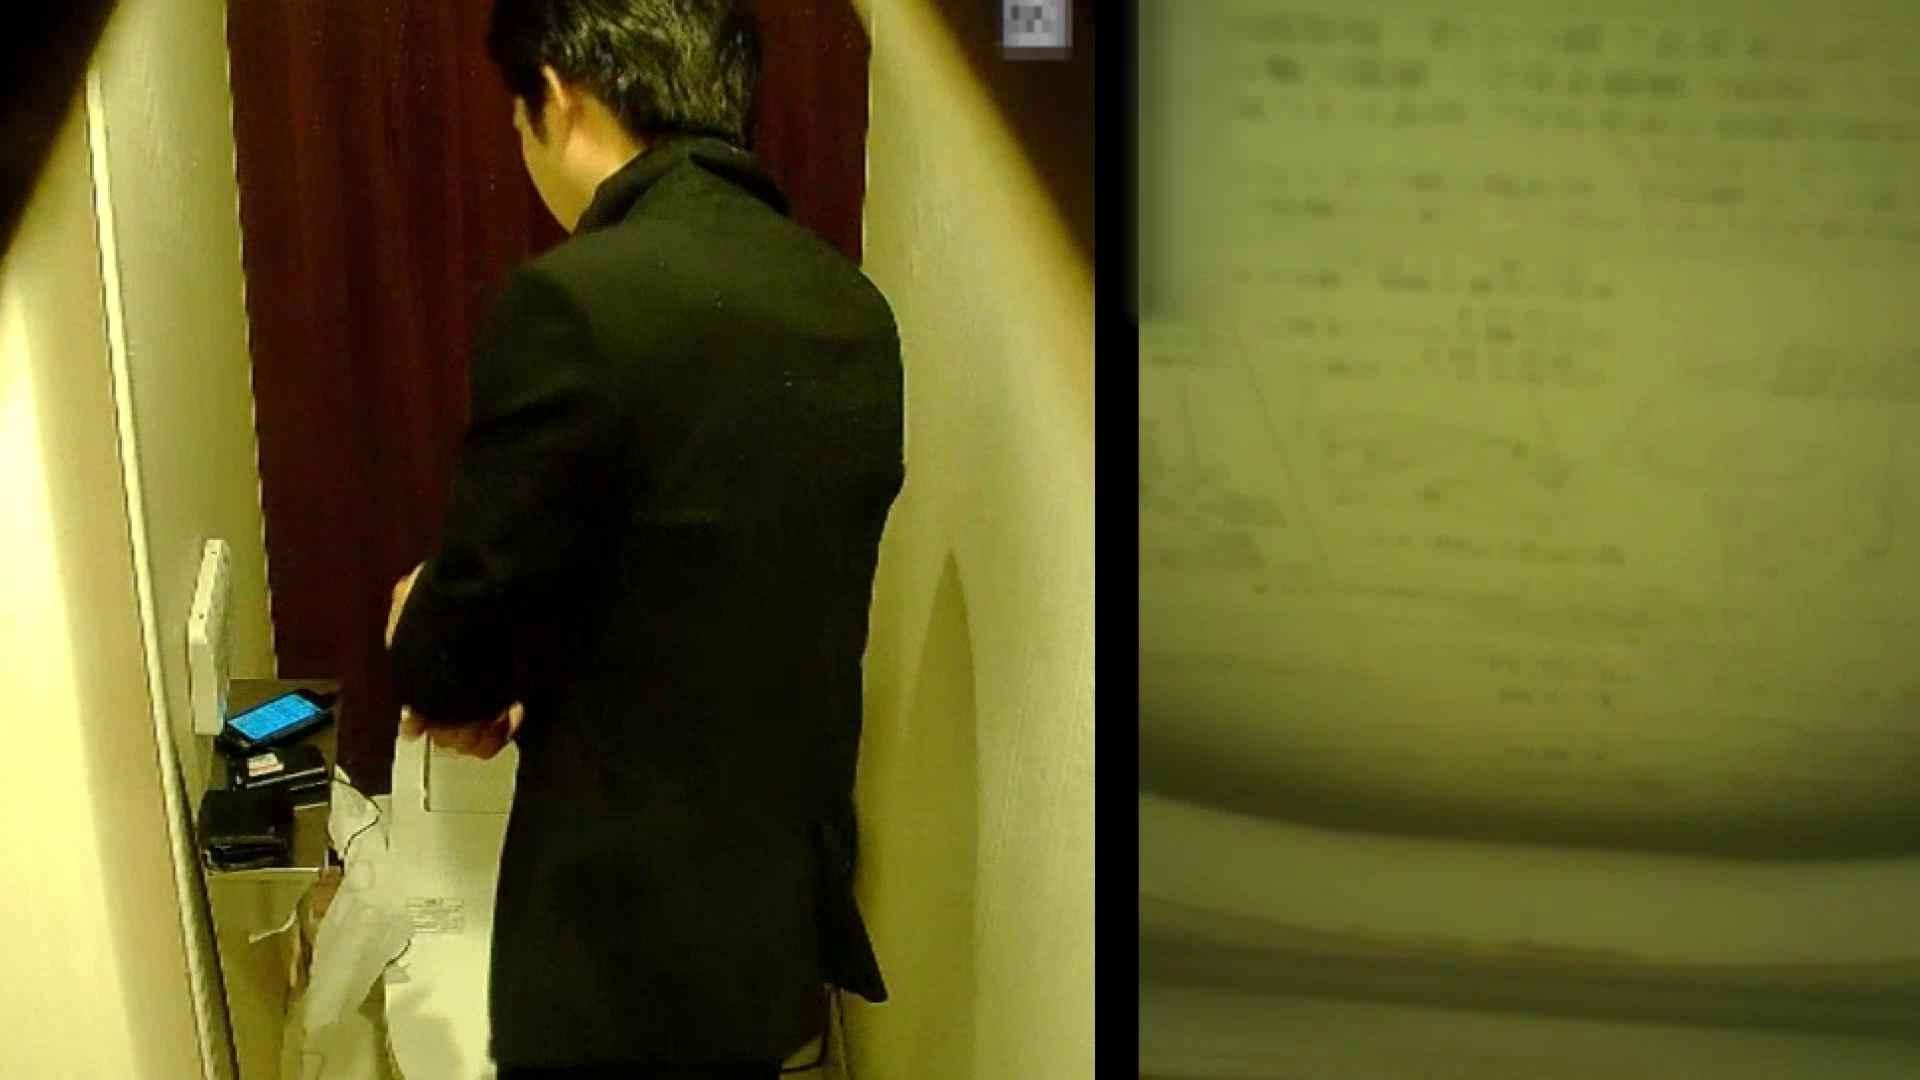 イケメンの素顔in洗面所 Vol.09 イケメンのsex | 0  74pic 50